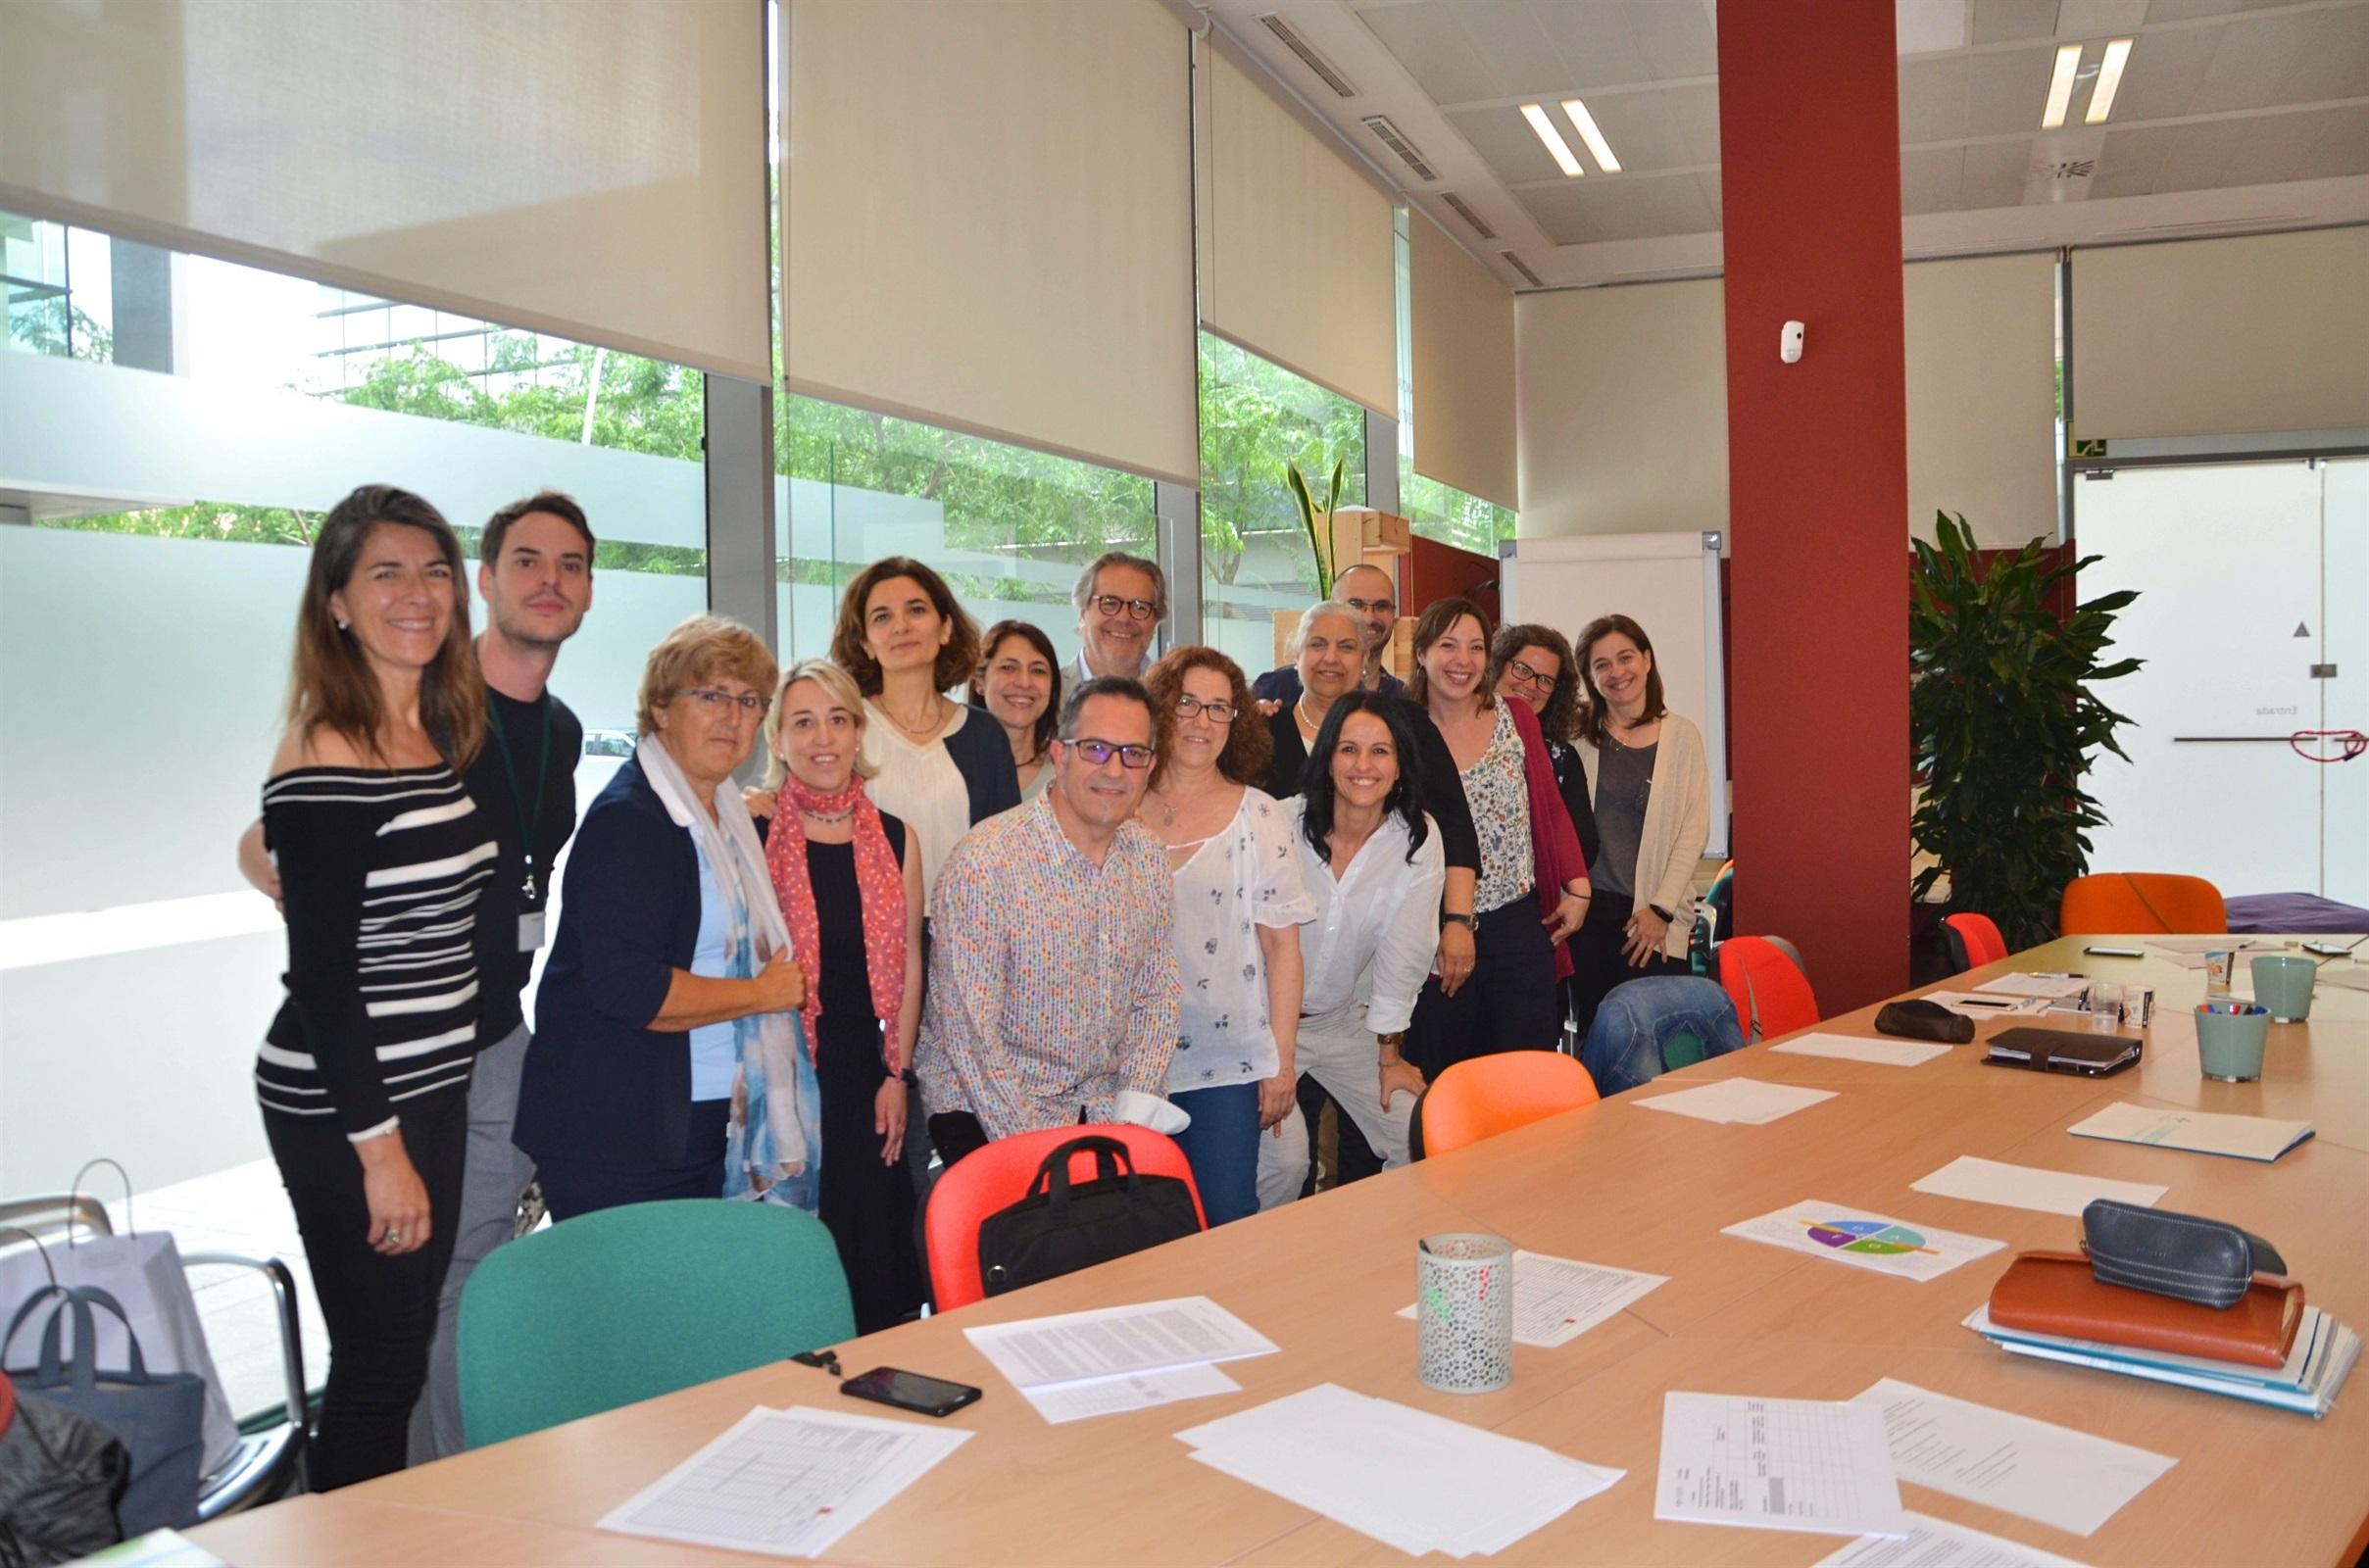 Acaba el 1er curs de l'IDIC orientat a l'emprenedoria en salut en el que col·labora Barcelona Activa